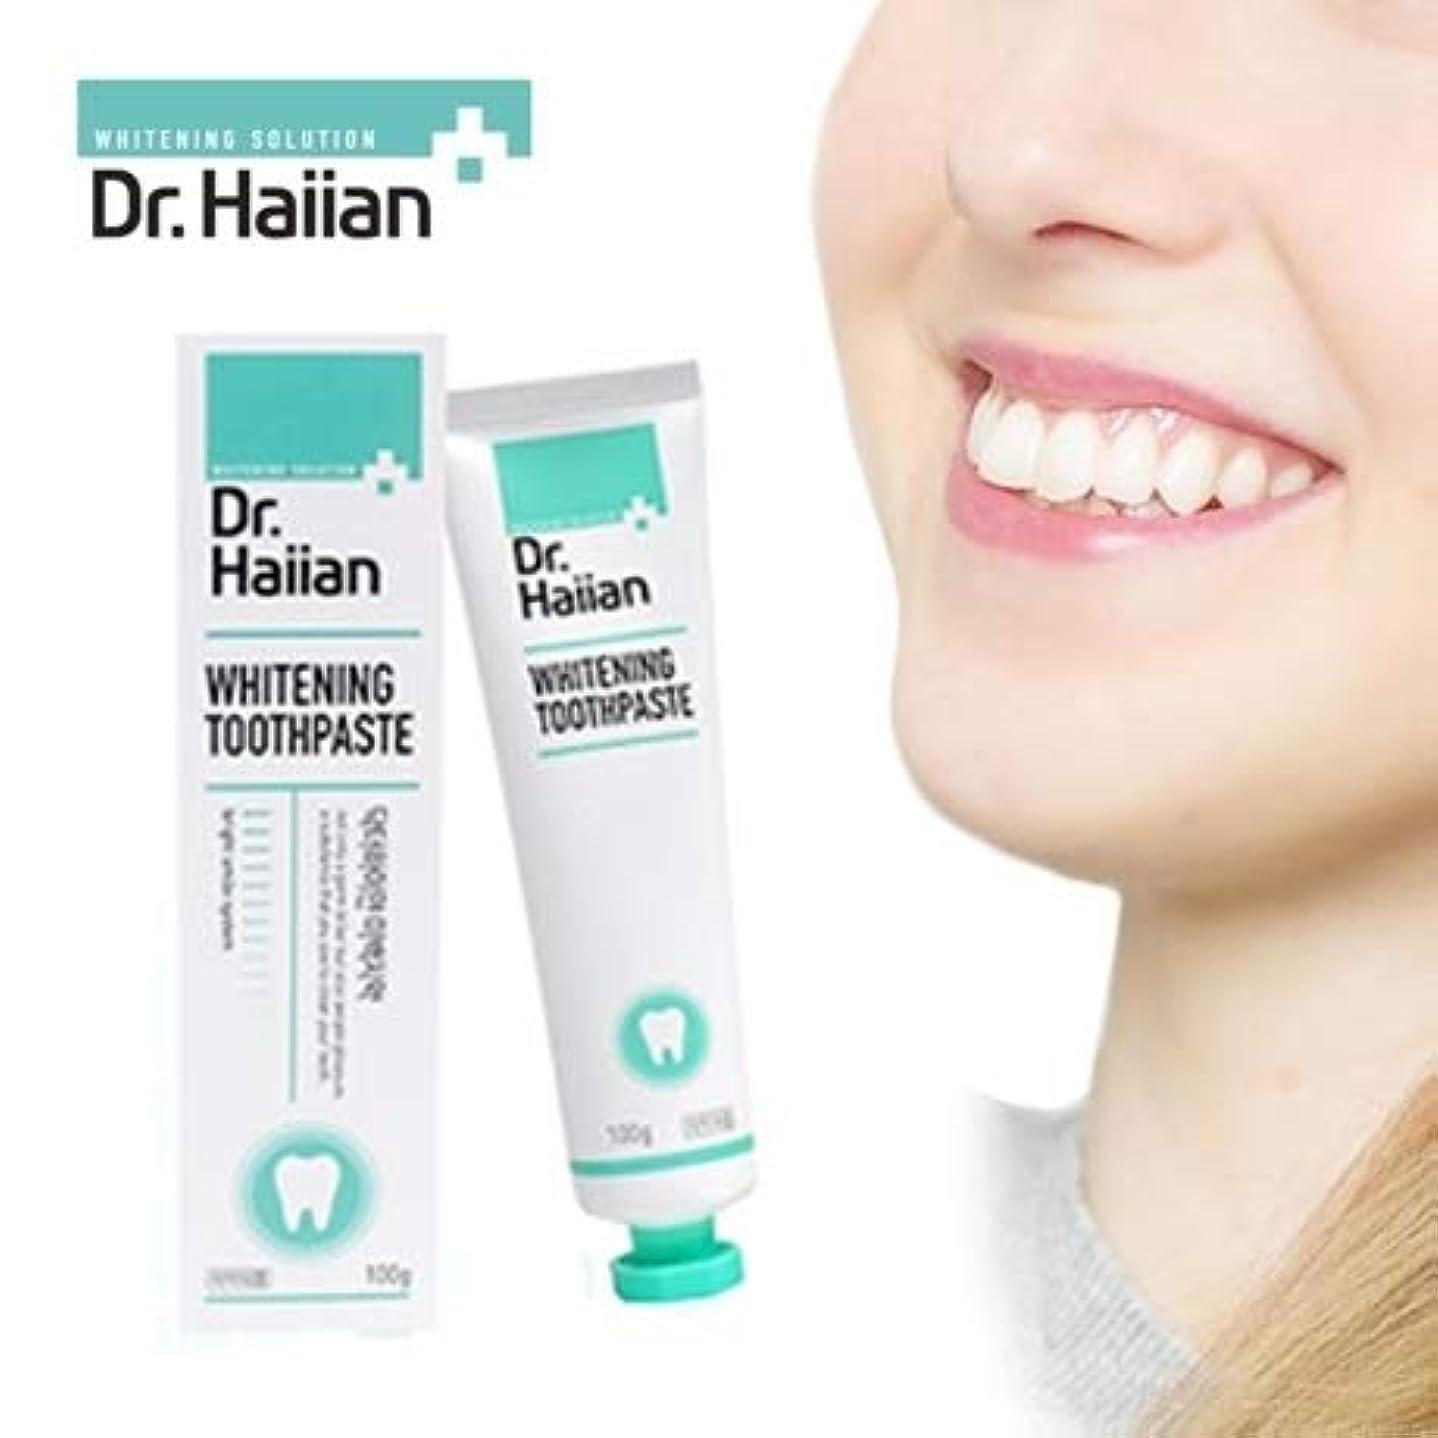 弱い器具倍増Dr.Haiian WHITENING TOOTHPASTE ホワイトニング歯磨き粉 100g